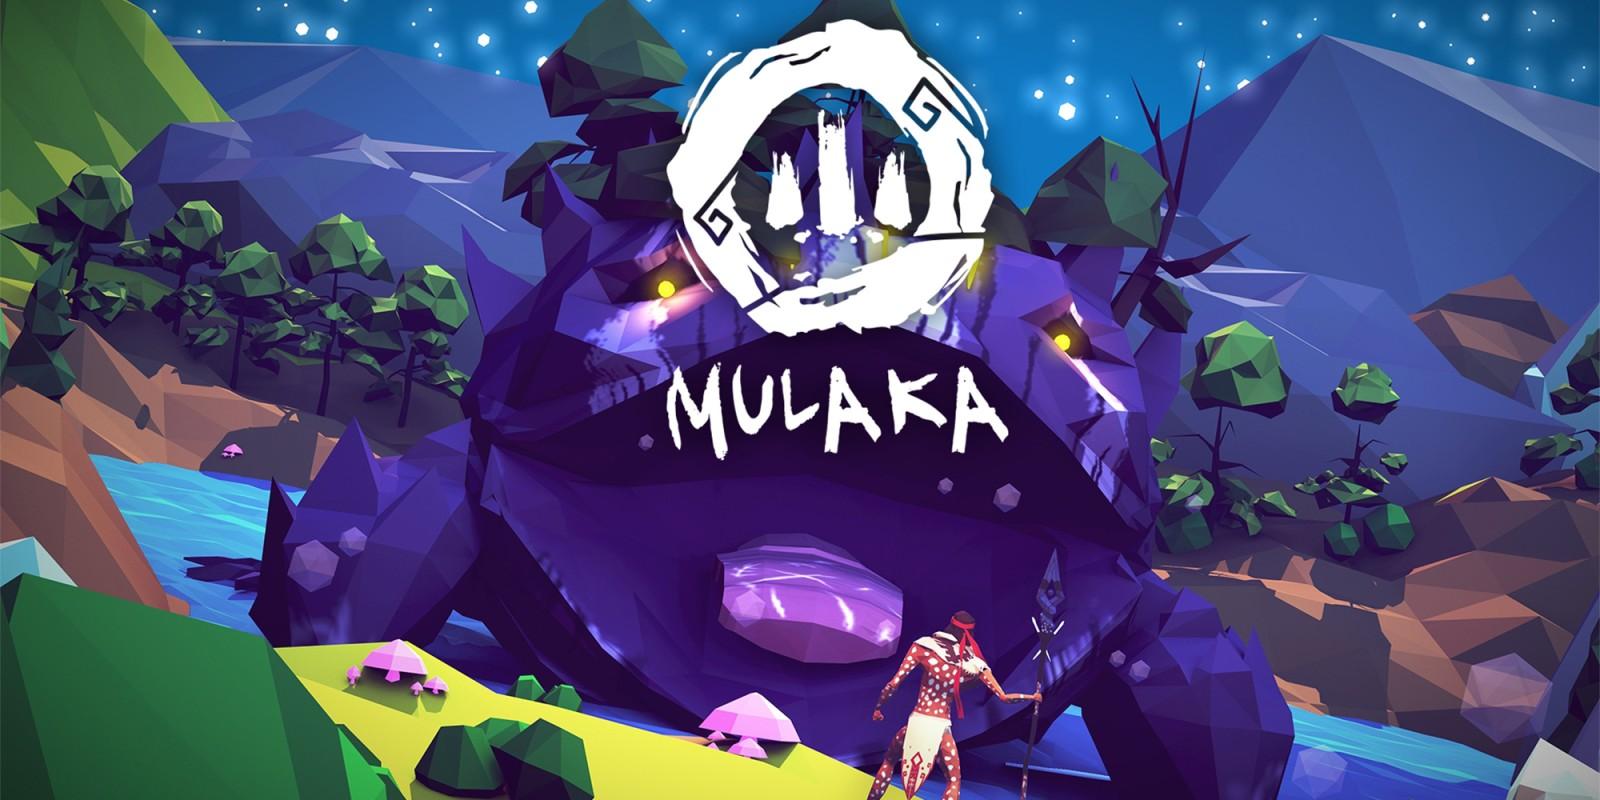 H2x1_NSwitchDS_Mulaka_image1600w